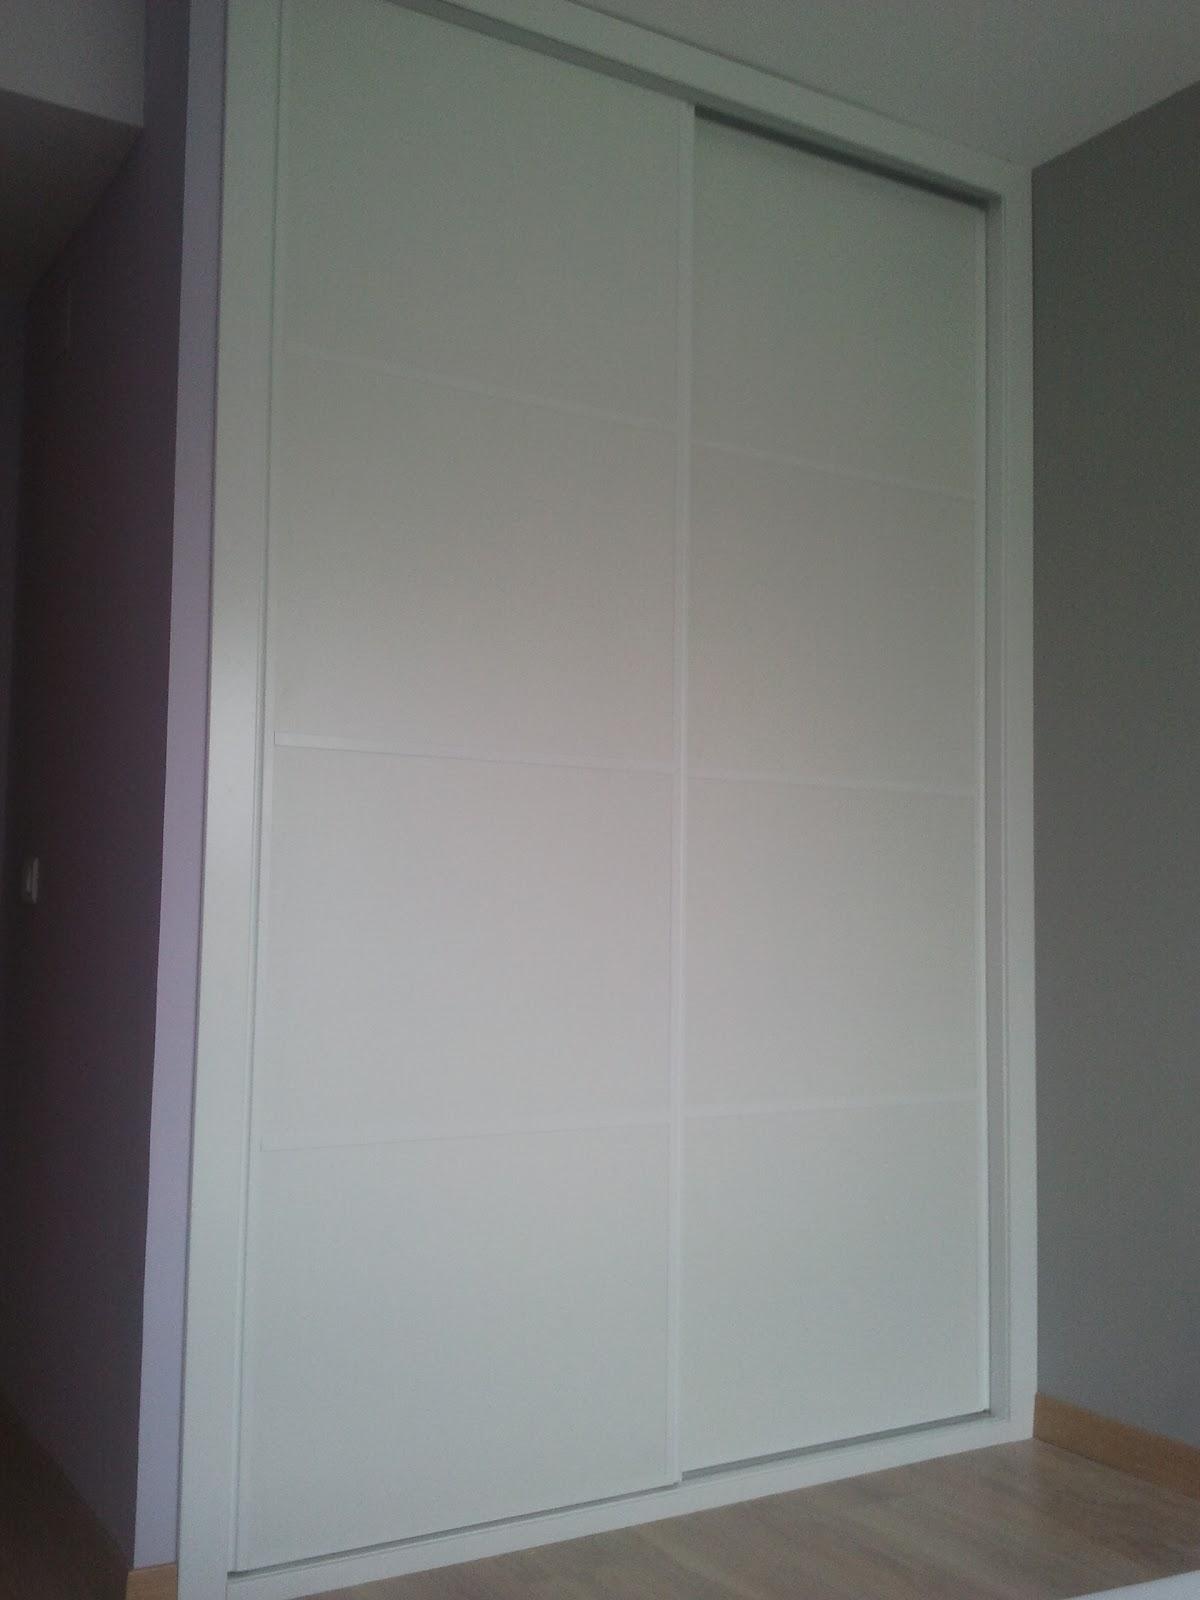 Montaje armario empotrado puertas correderas lacado blanco - Armario blanco puertas correderas ...